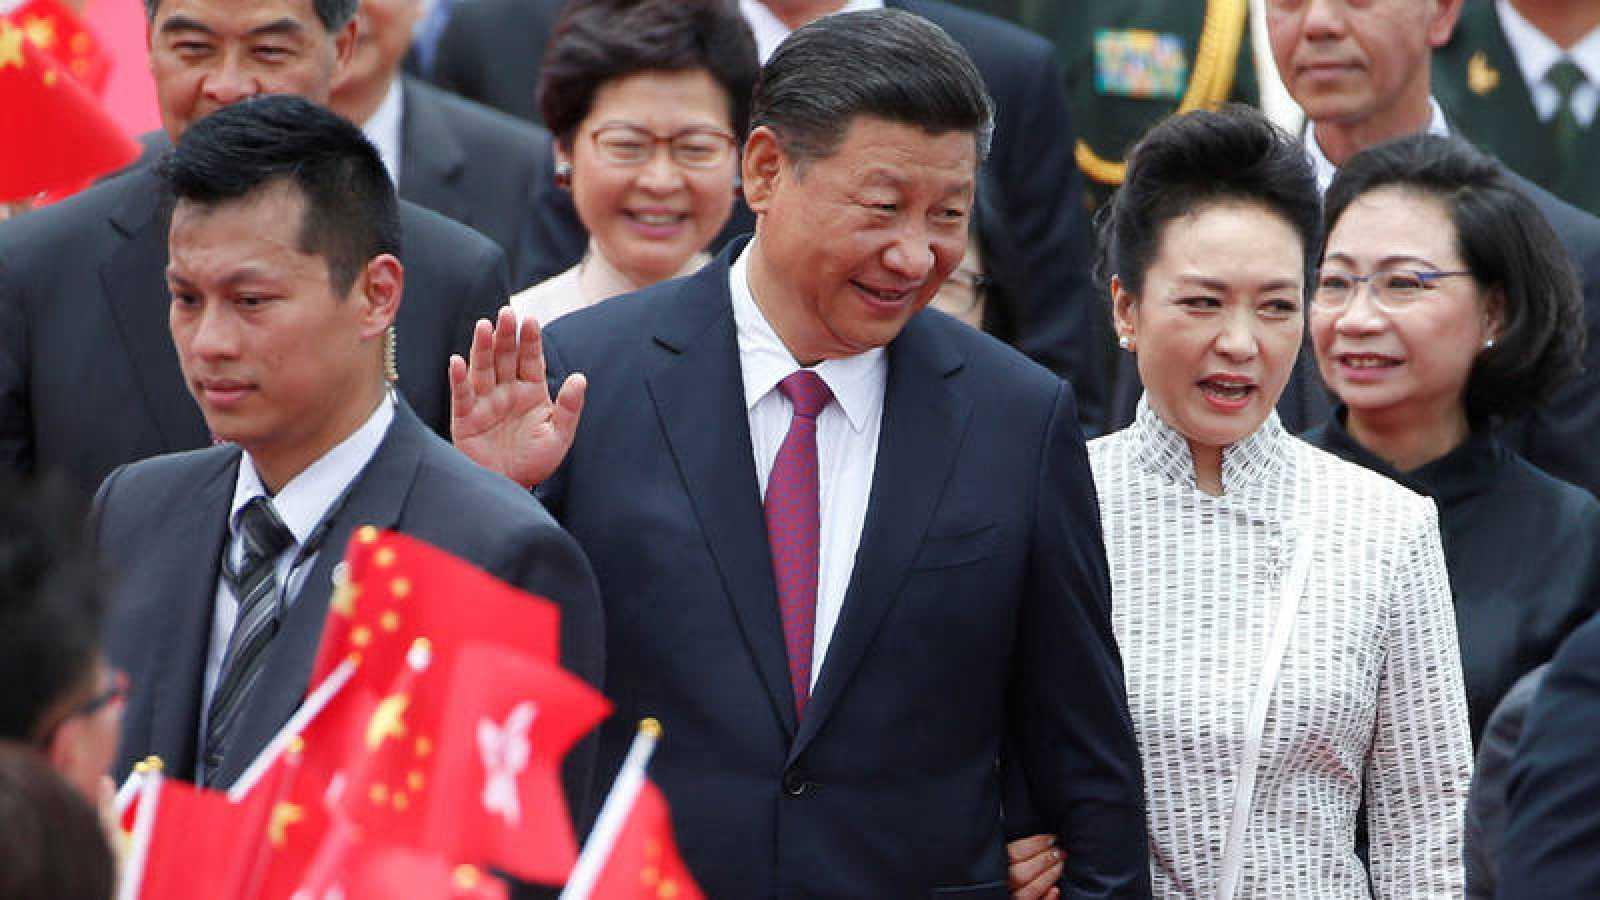 El presidente chino Xi Jinping y su esposa Peng Liyuan llegan al aeropuerto de Hong Kong